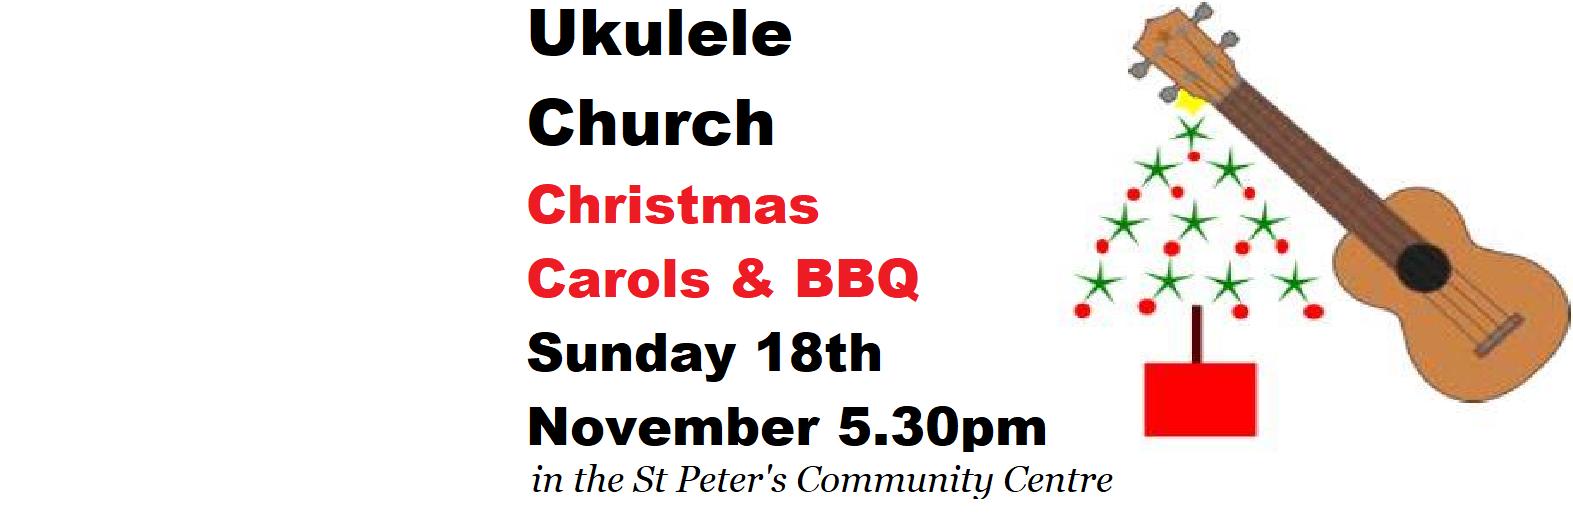 Ukulele Church is back!